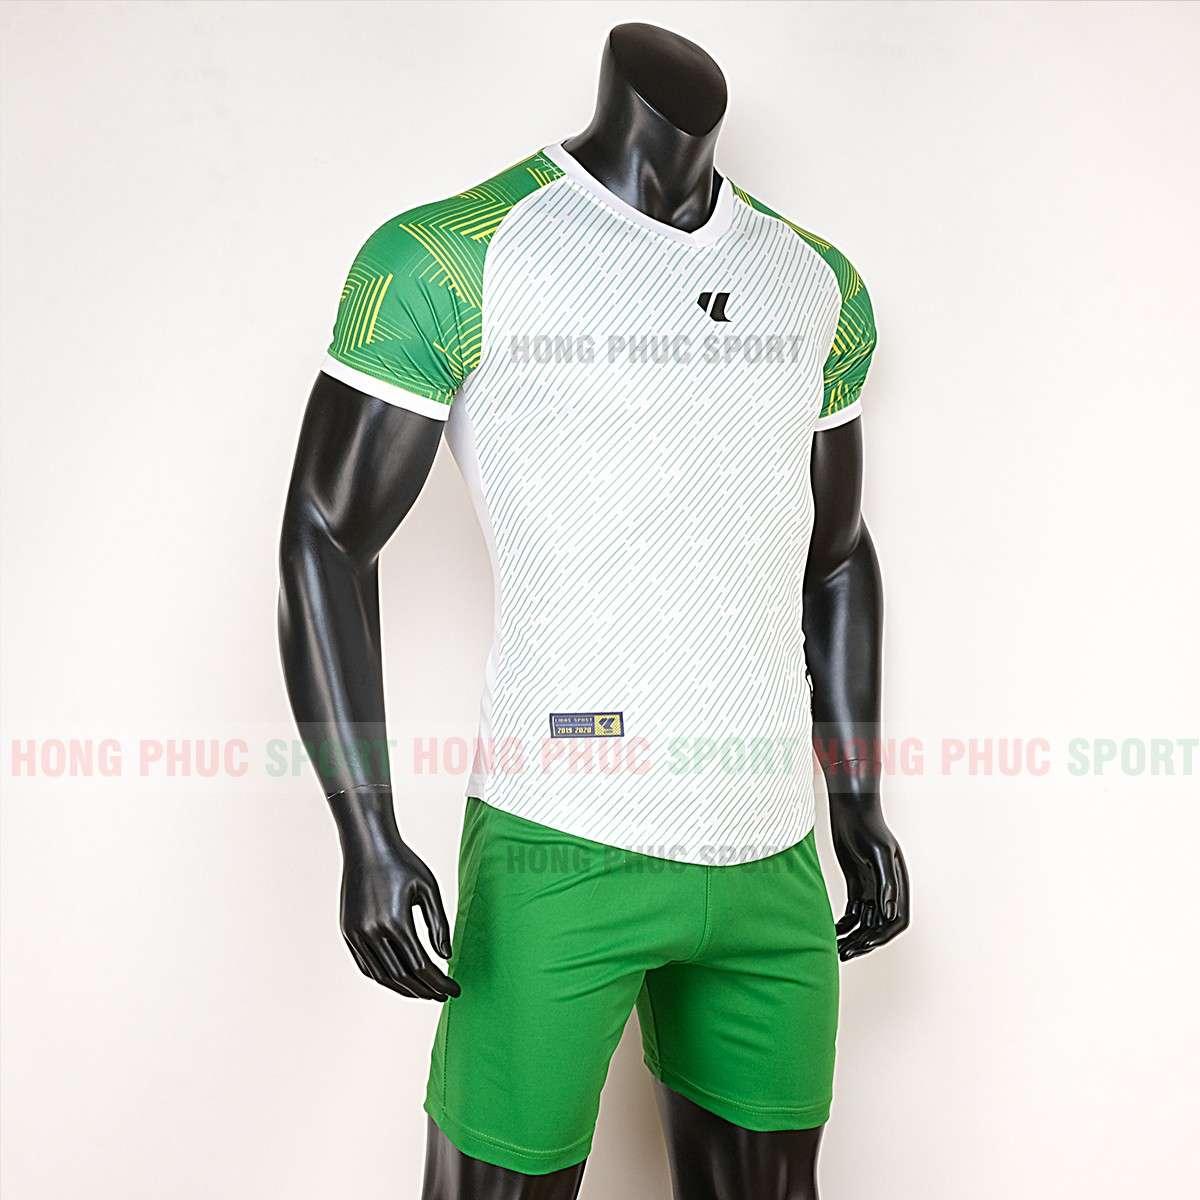 Mẫu áo đá bóng không logo Lidas Wariors 2020 trắng xanh lá tự thiết kế